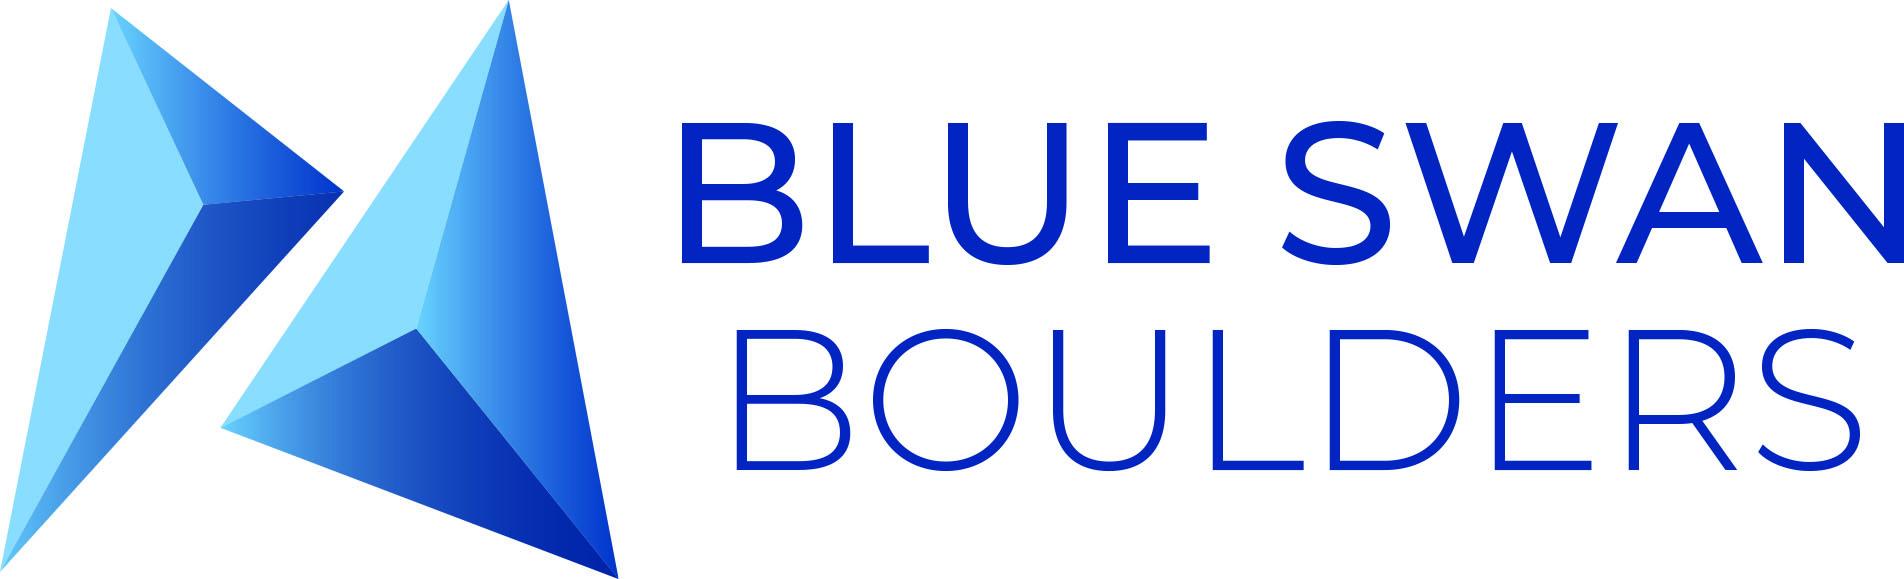 Blue Swan Boulders